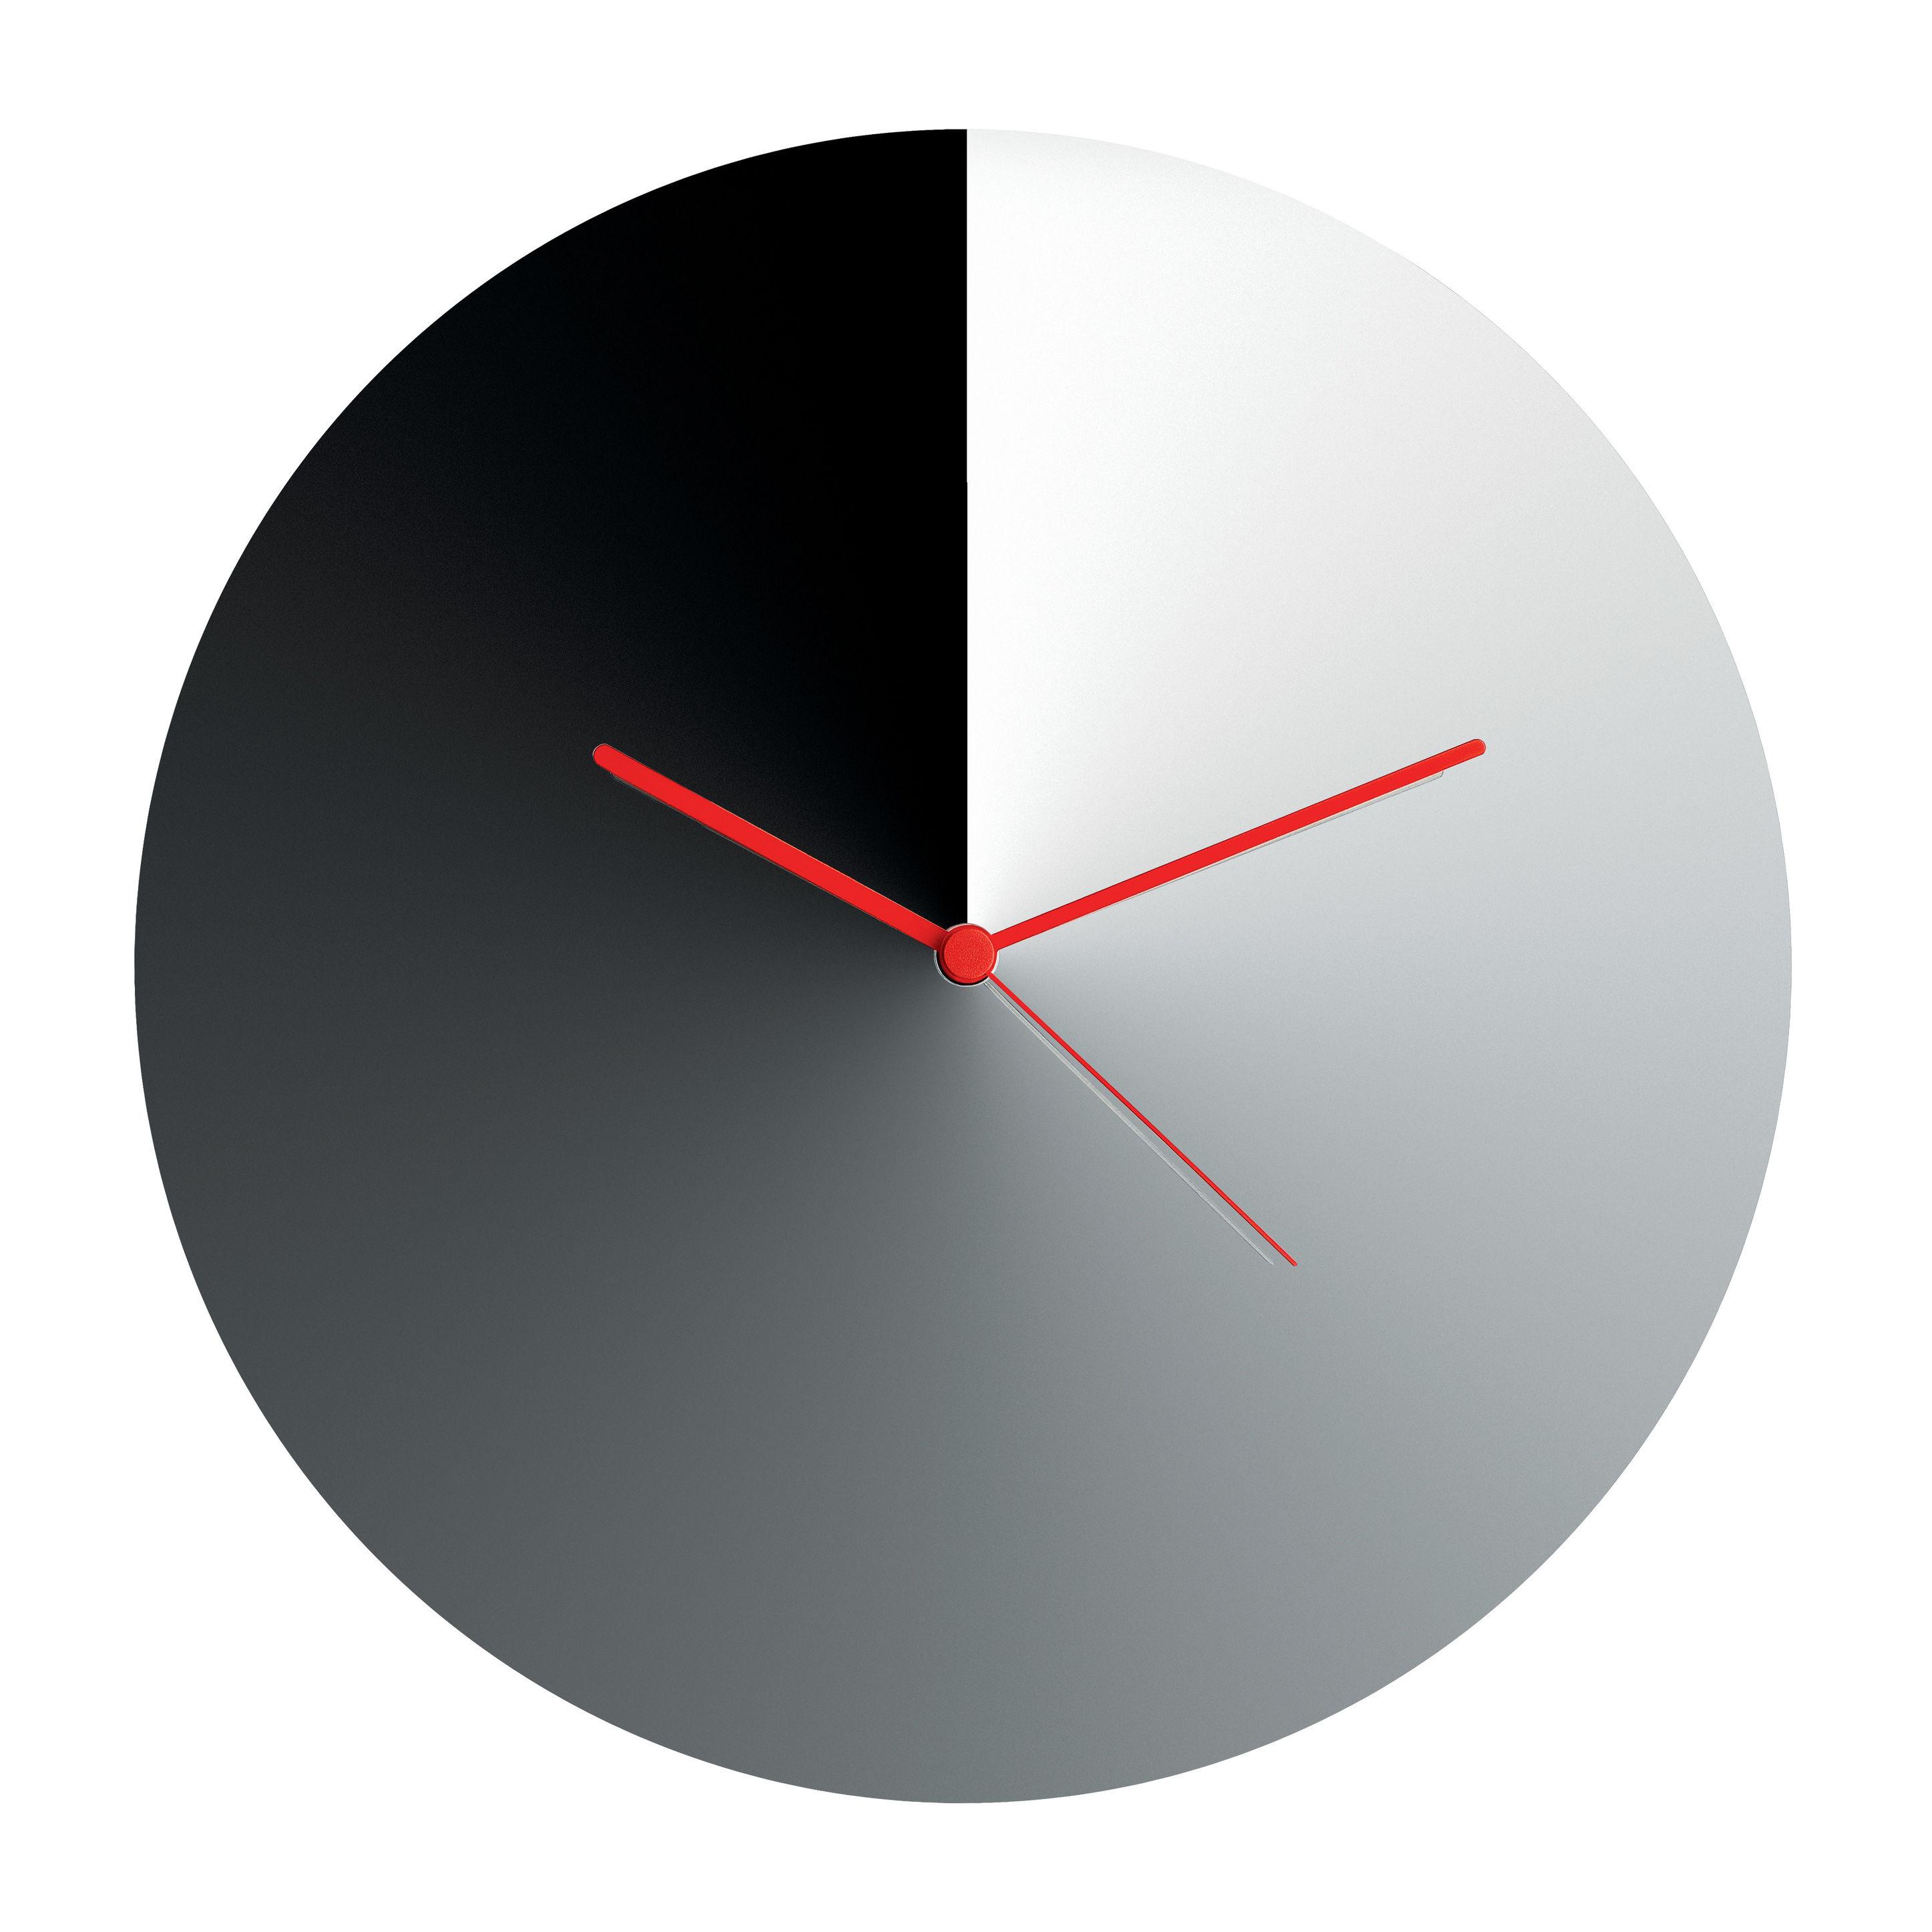 Horloge murale Arris Alessi - Chomé   Aiguilles rouges - Ø 30   Made ... 6ad5fc9ed517